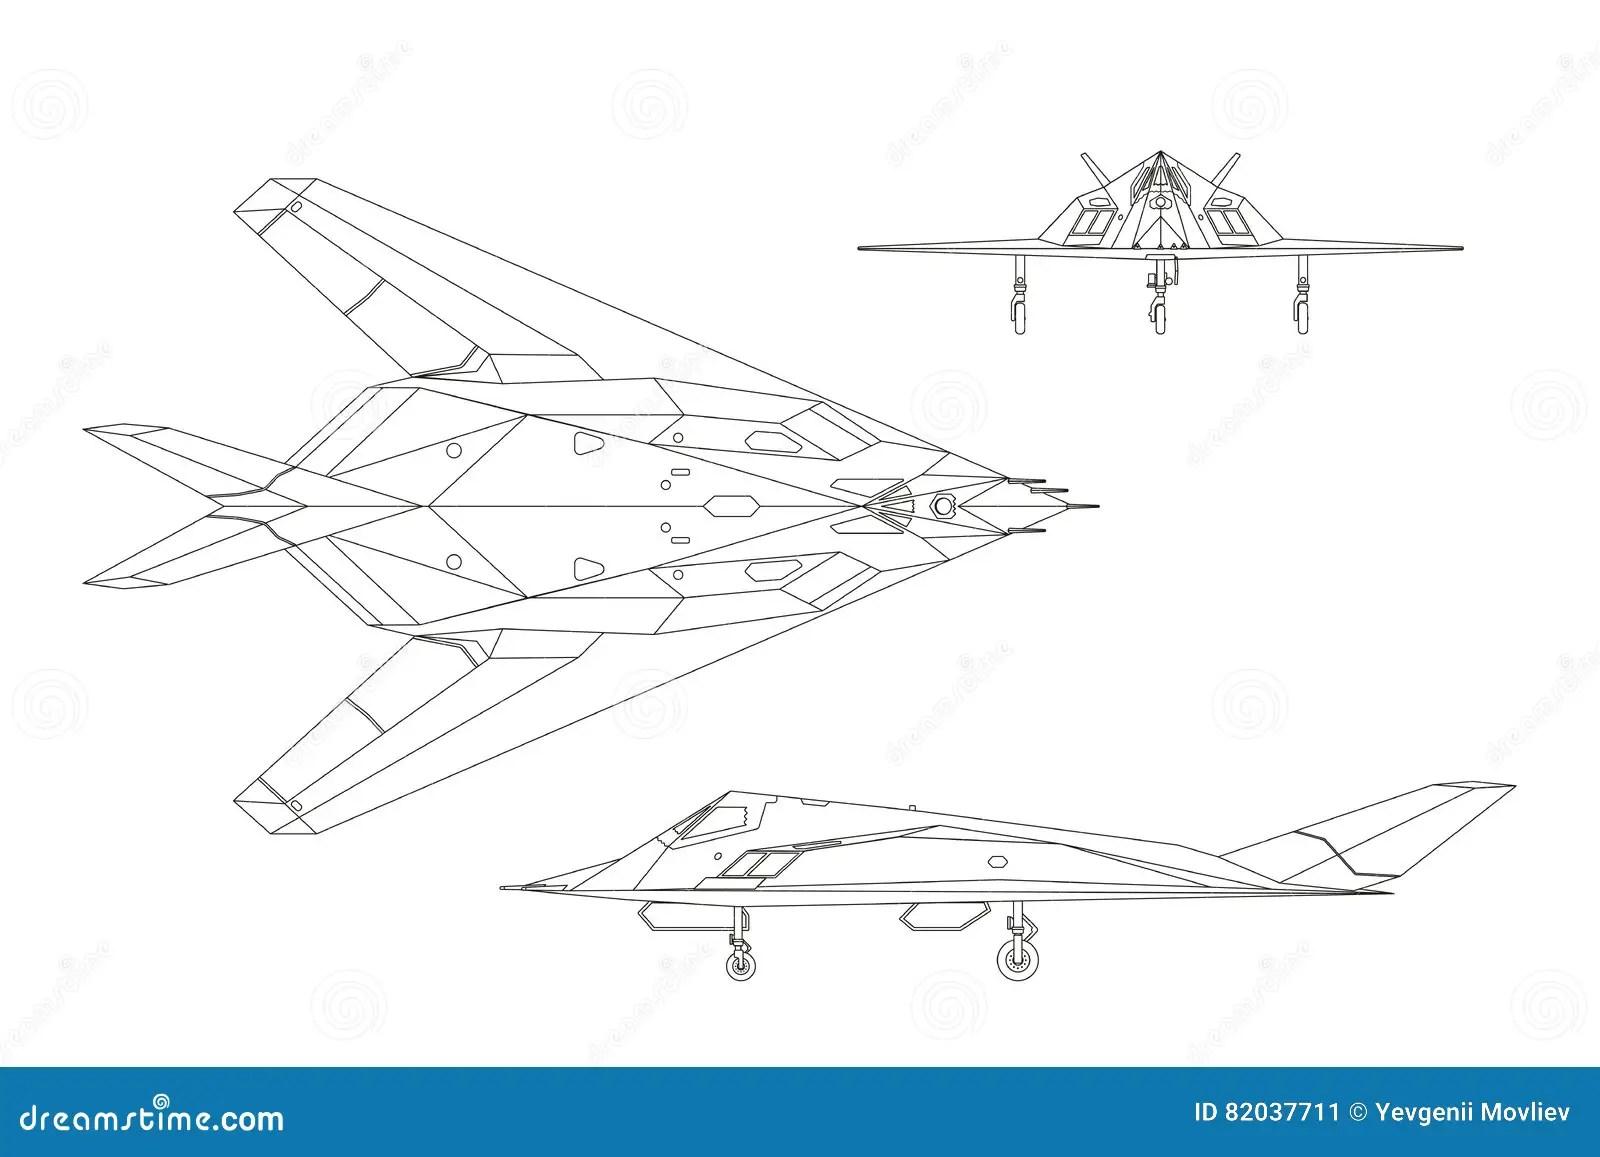 Aero Alca L 159 Konturnzeichnung Des Kampfflugzeugs Spitze